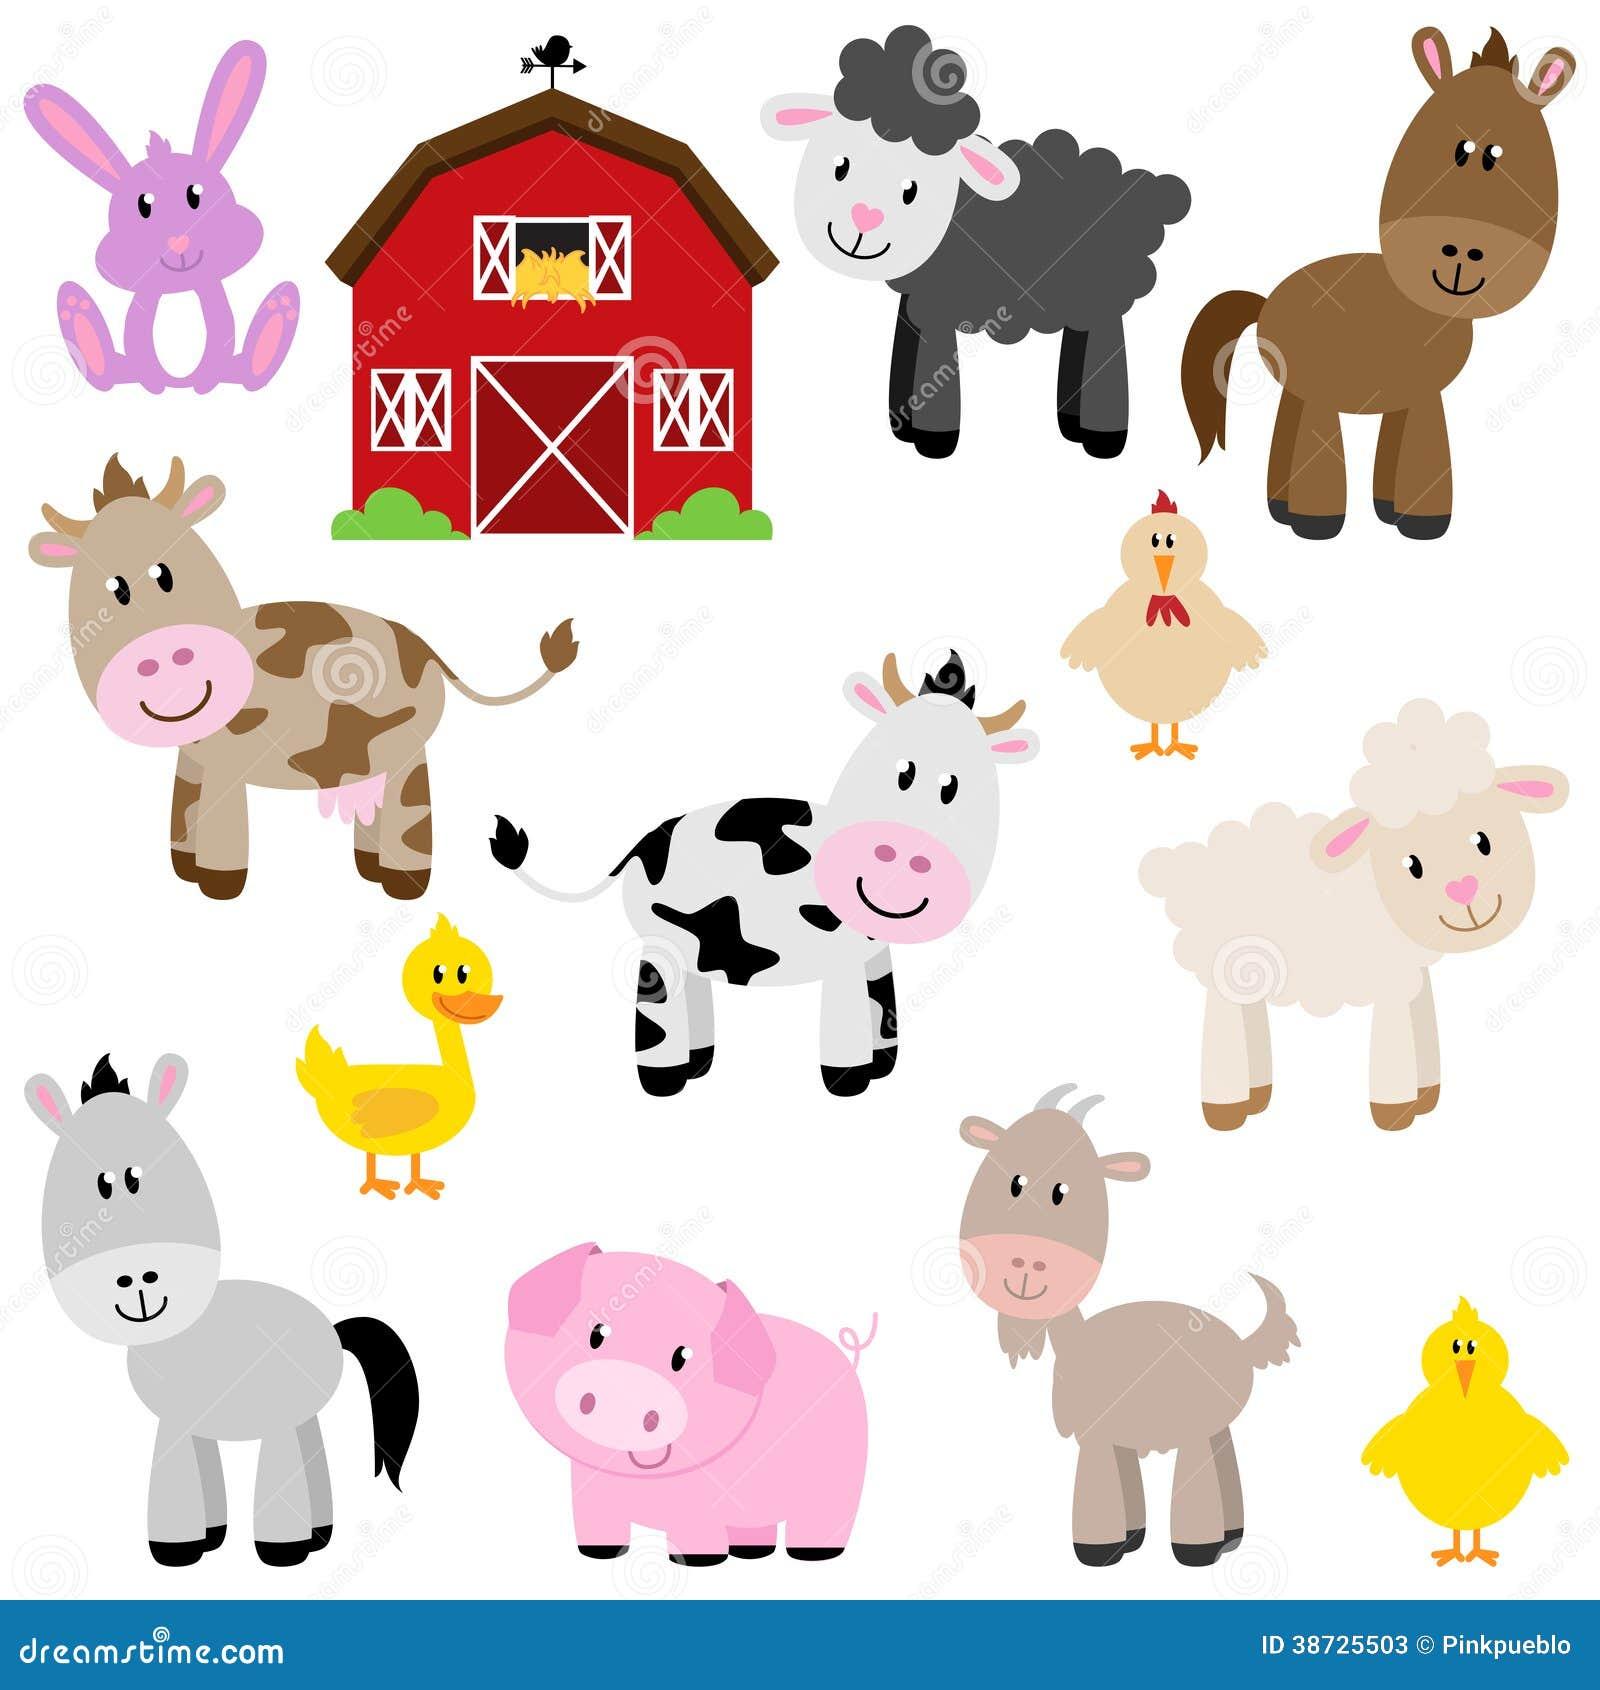 vector collection of cute cartoon farm animals stock photos